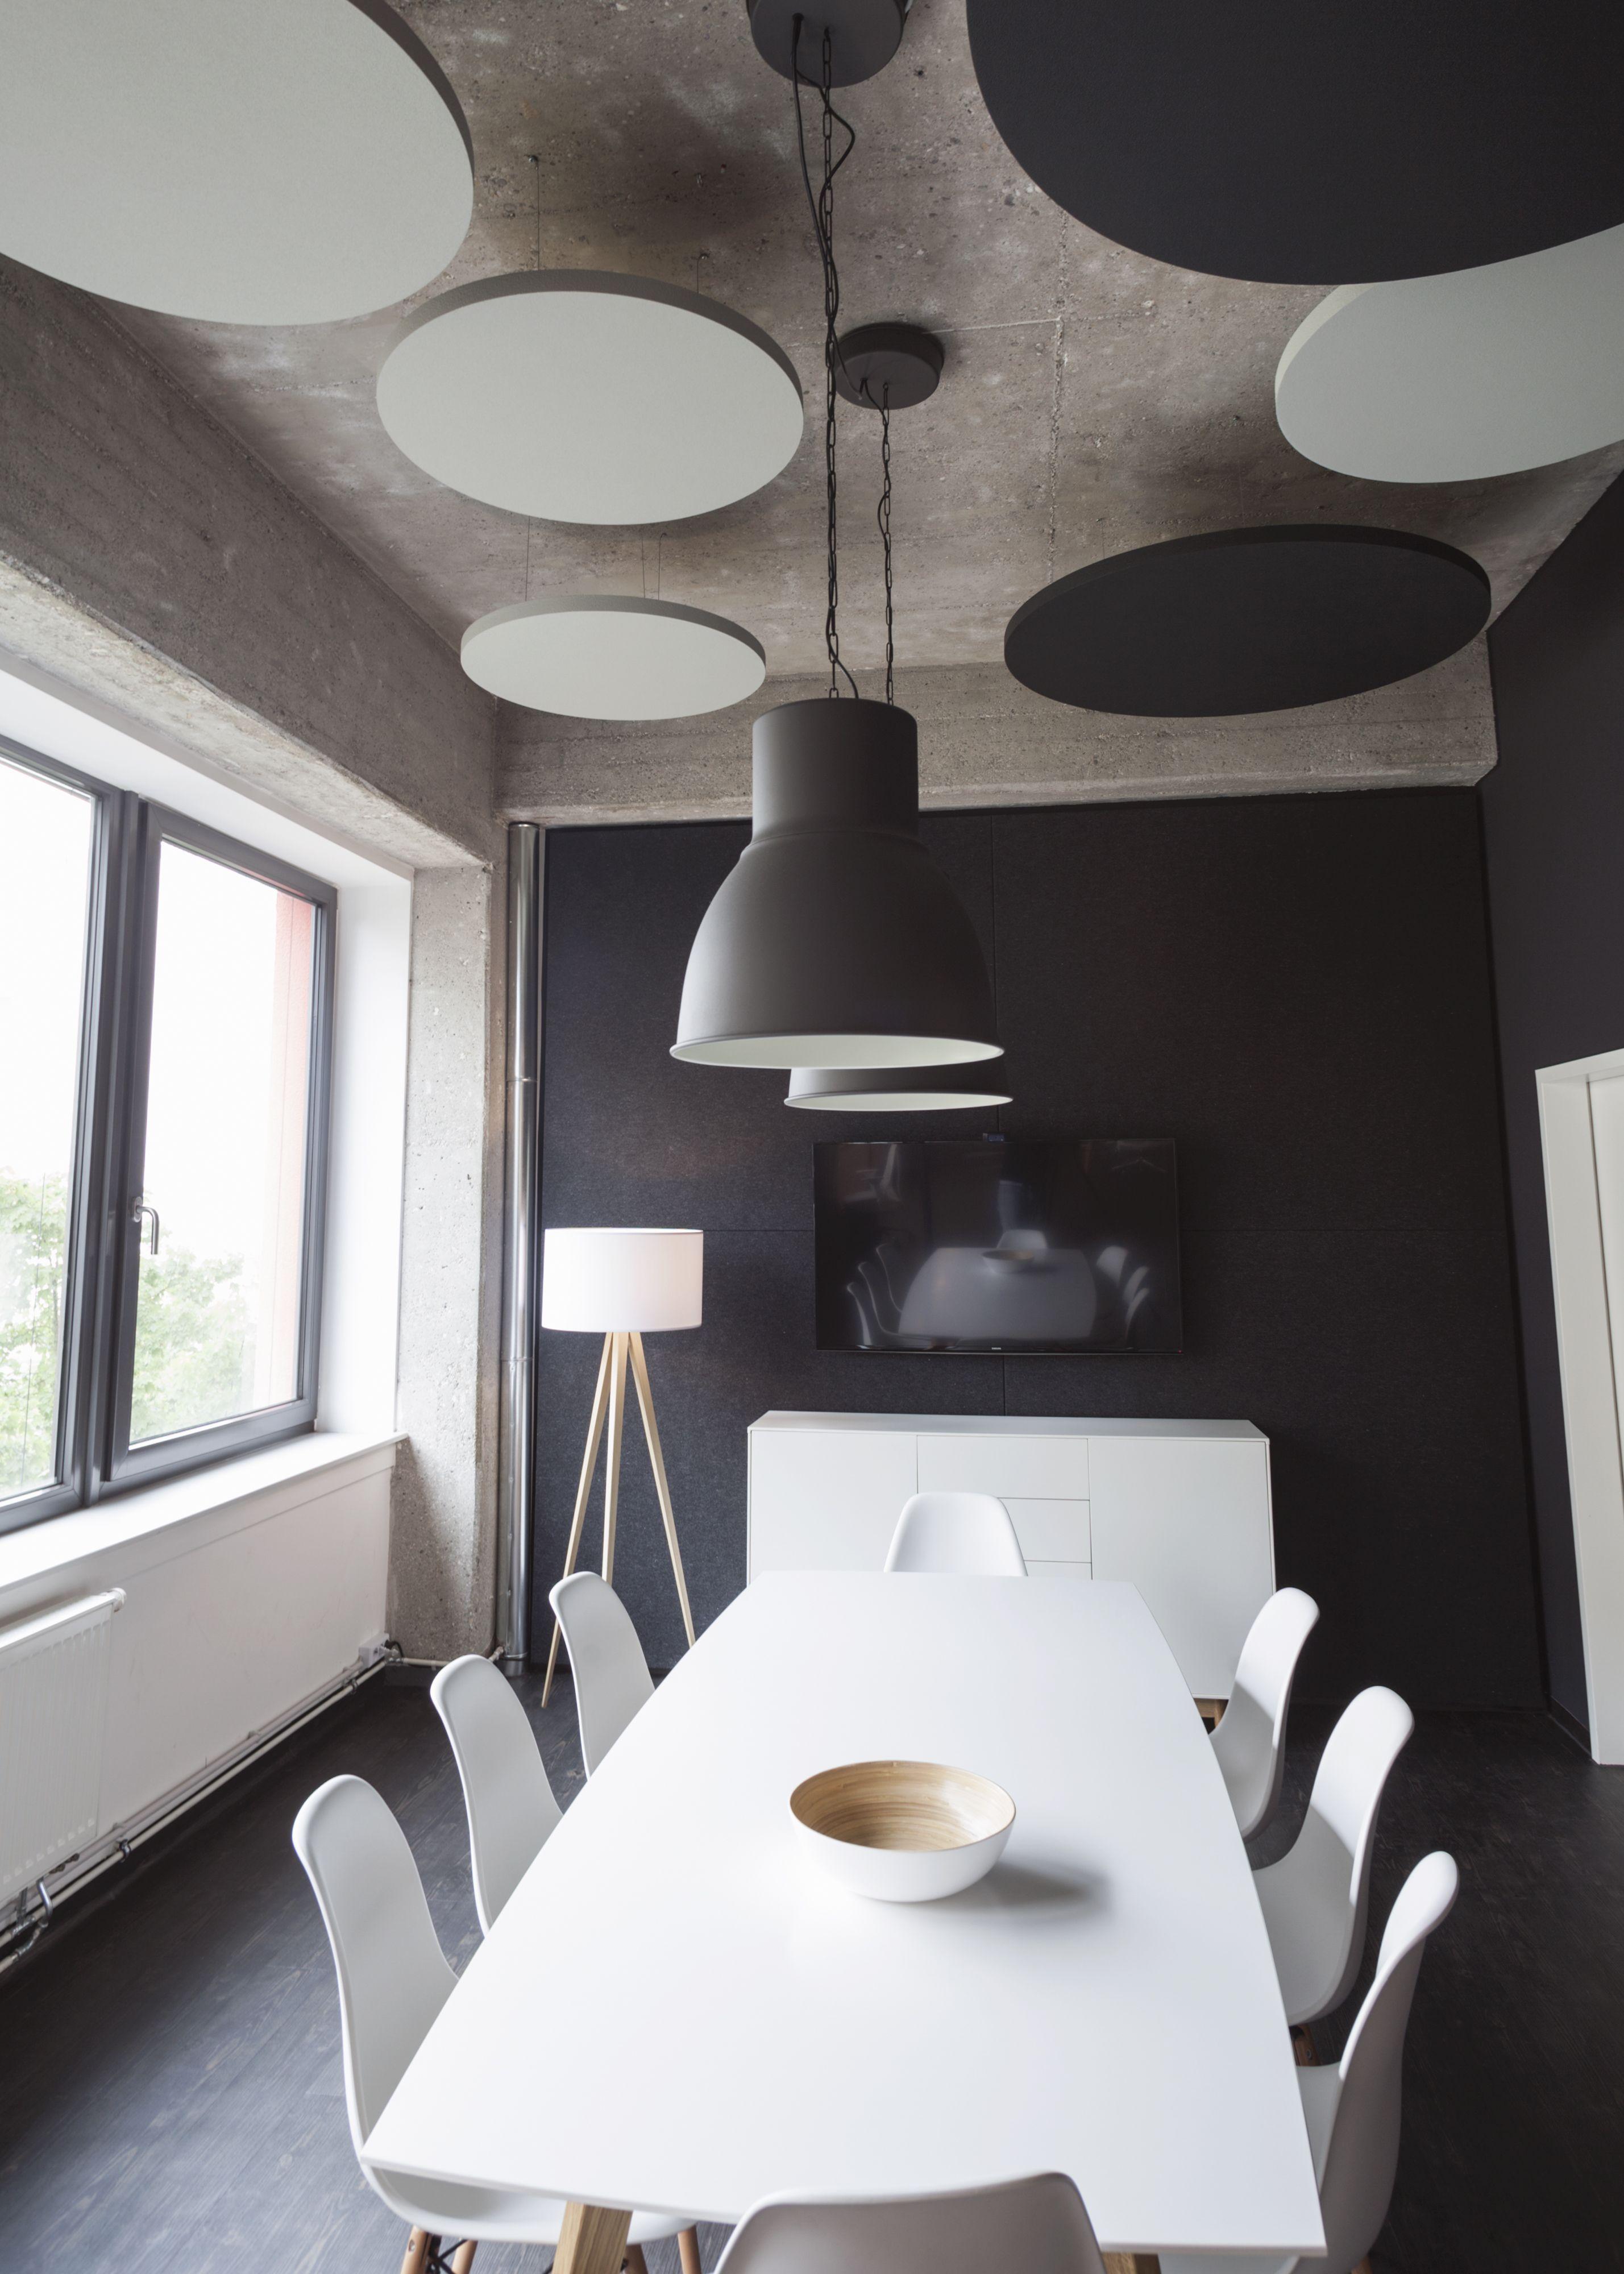 Die decke bietet viel freie fl che f r abgeh ngte deckensegel und deckenabsorber viele farben - Schall reduzieren wohnzimmer ...